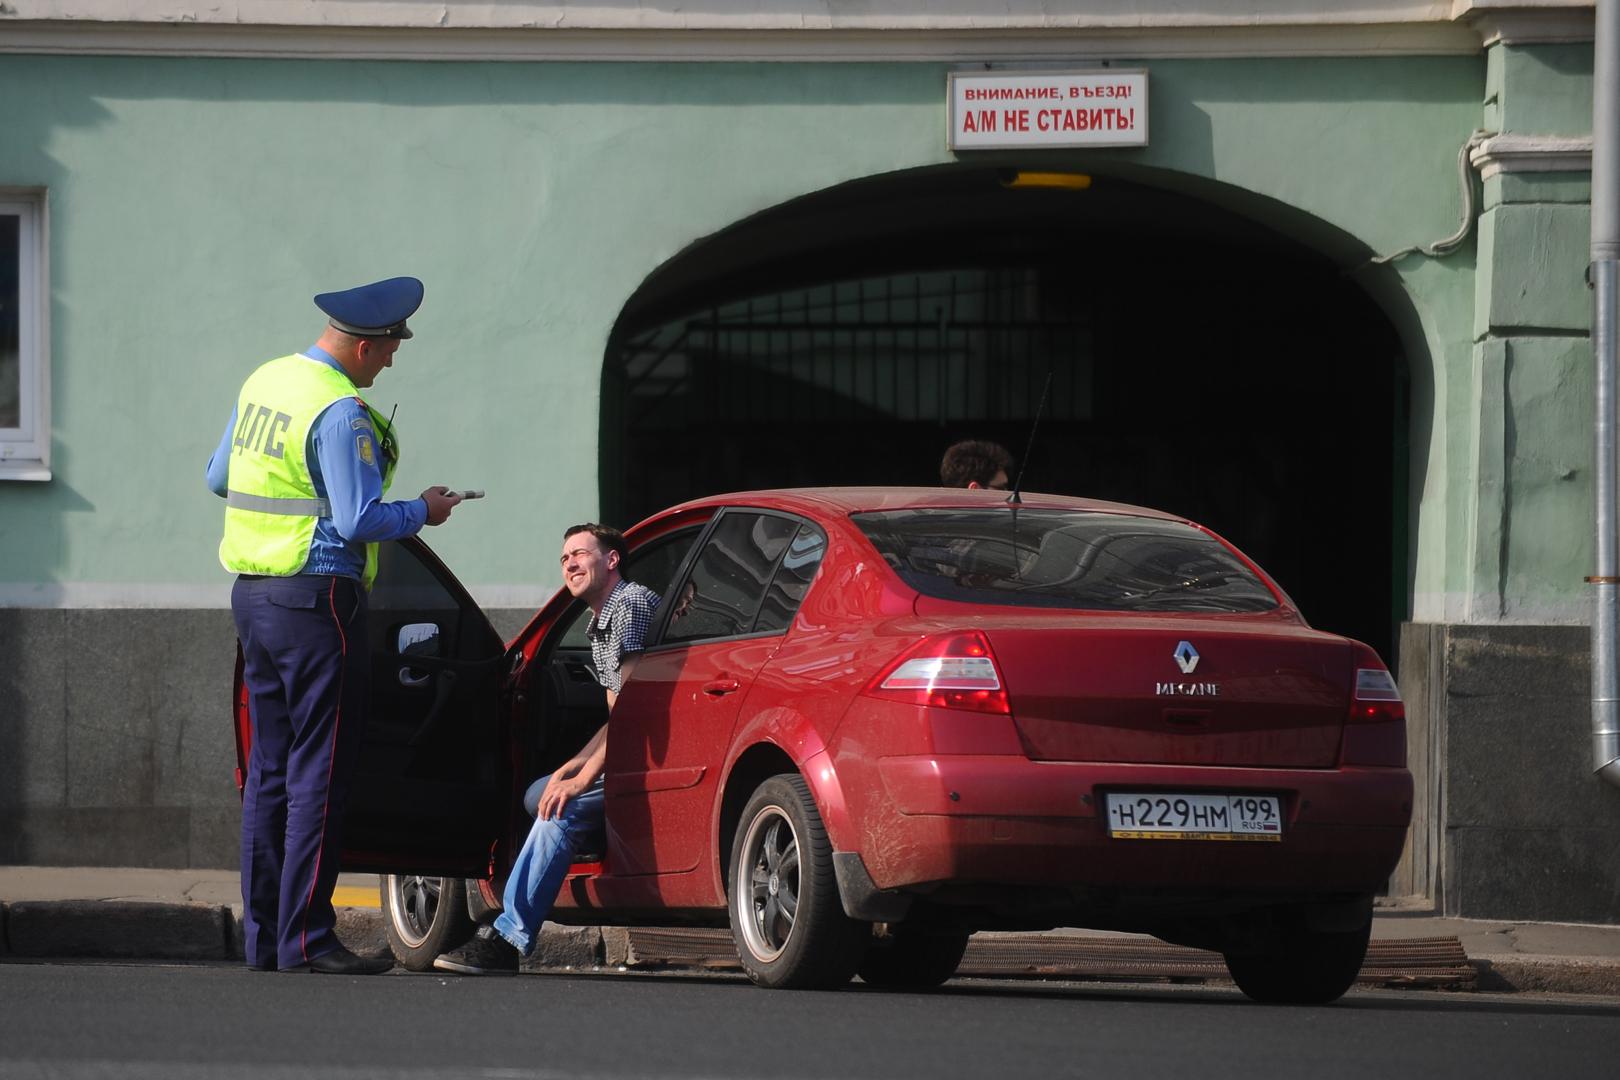 Вывод лингвиста:Сотрудник ГАИ послал водителя на три буквы, но это не оскорбление. ФОТО: Евгения Гусева